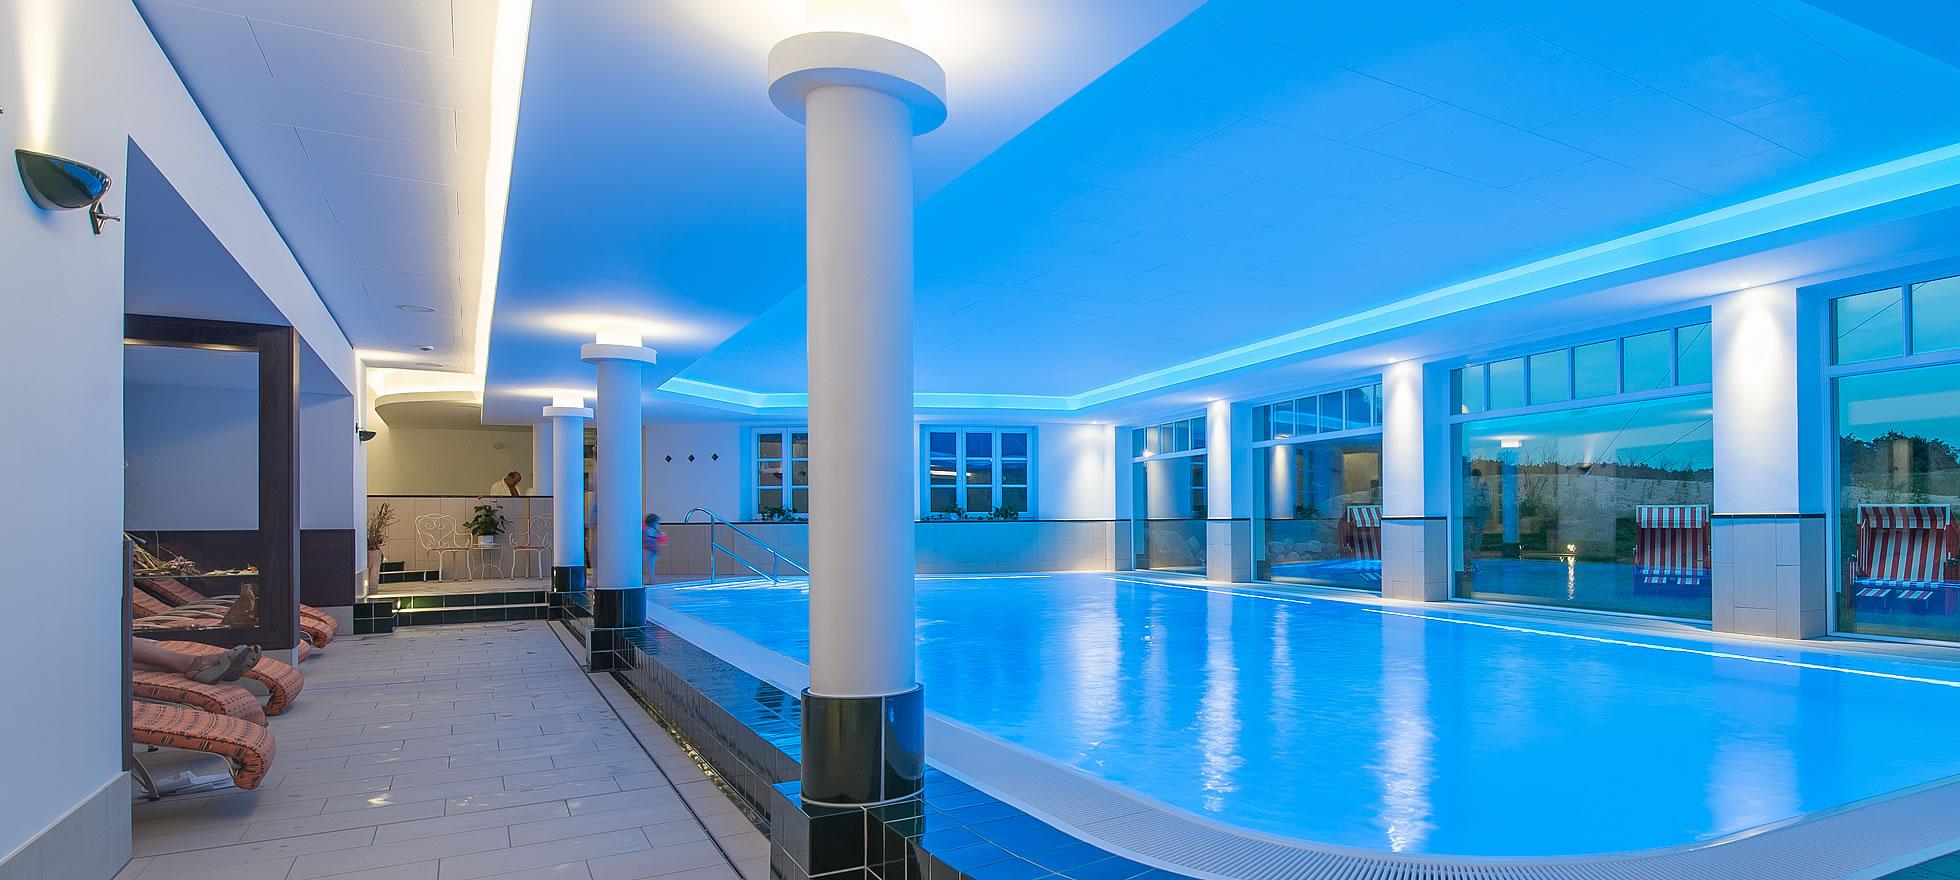 Großes Schwimmbad in Hotel Fischerwiege